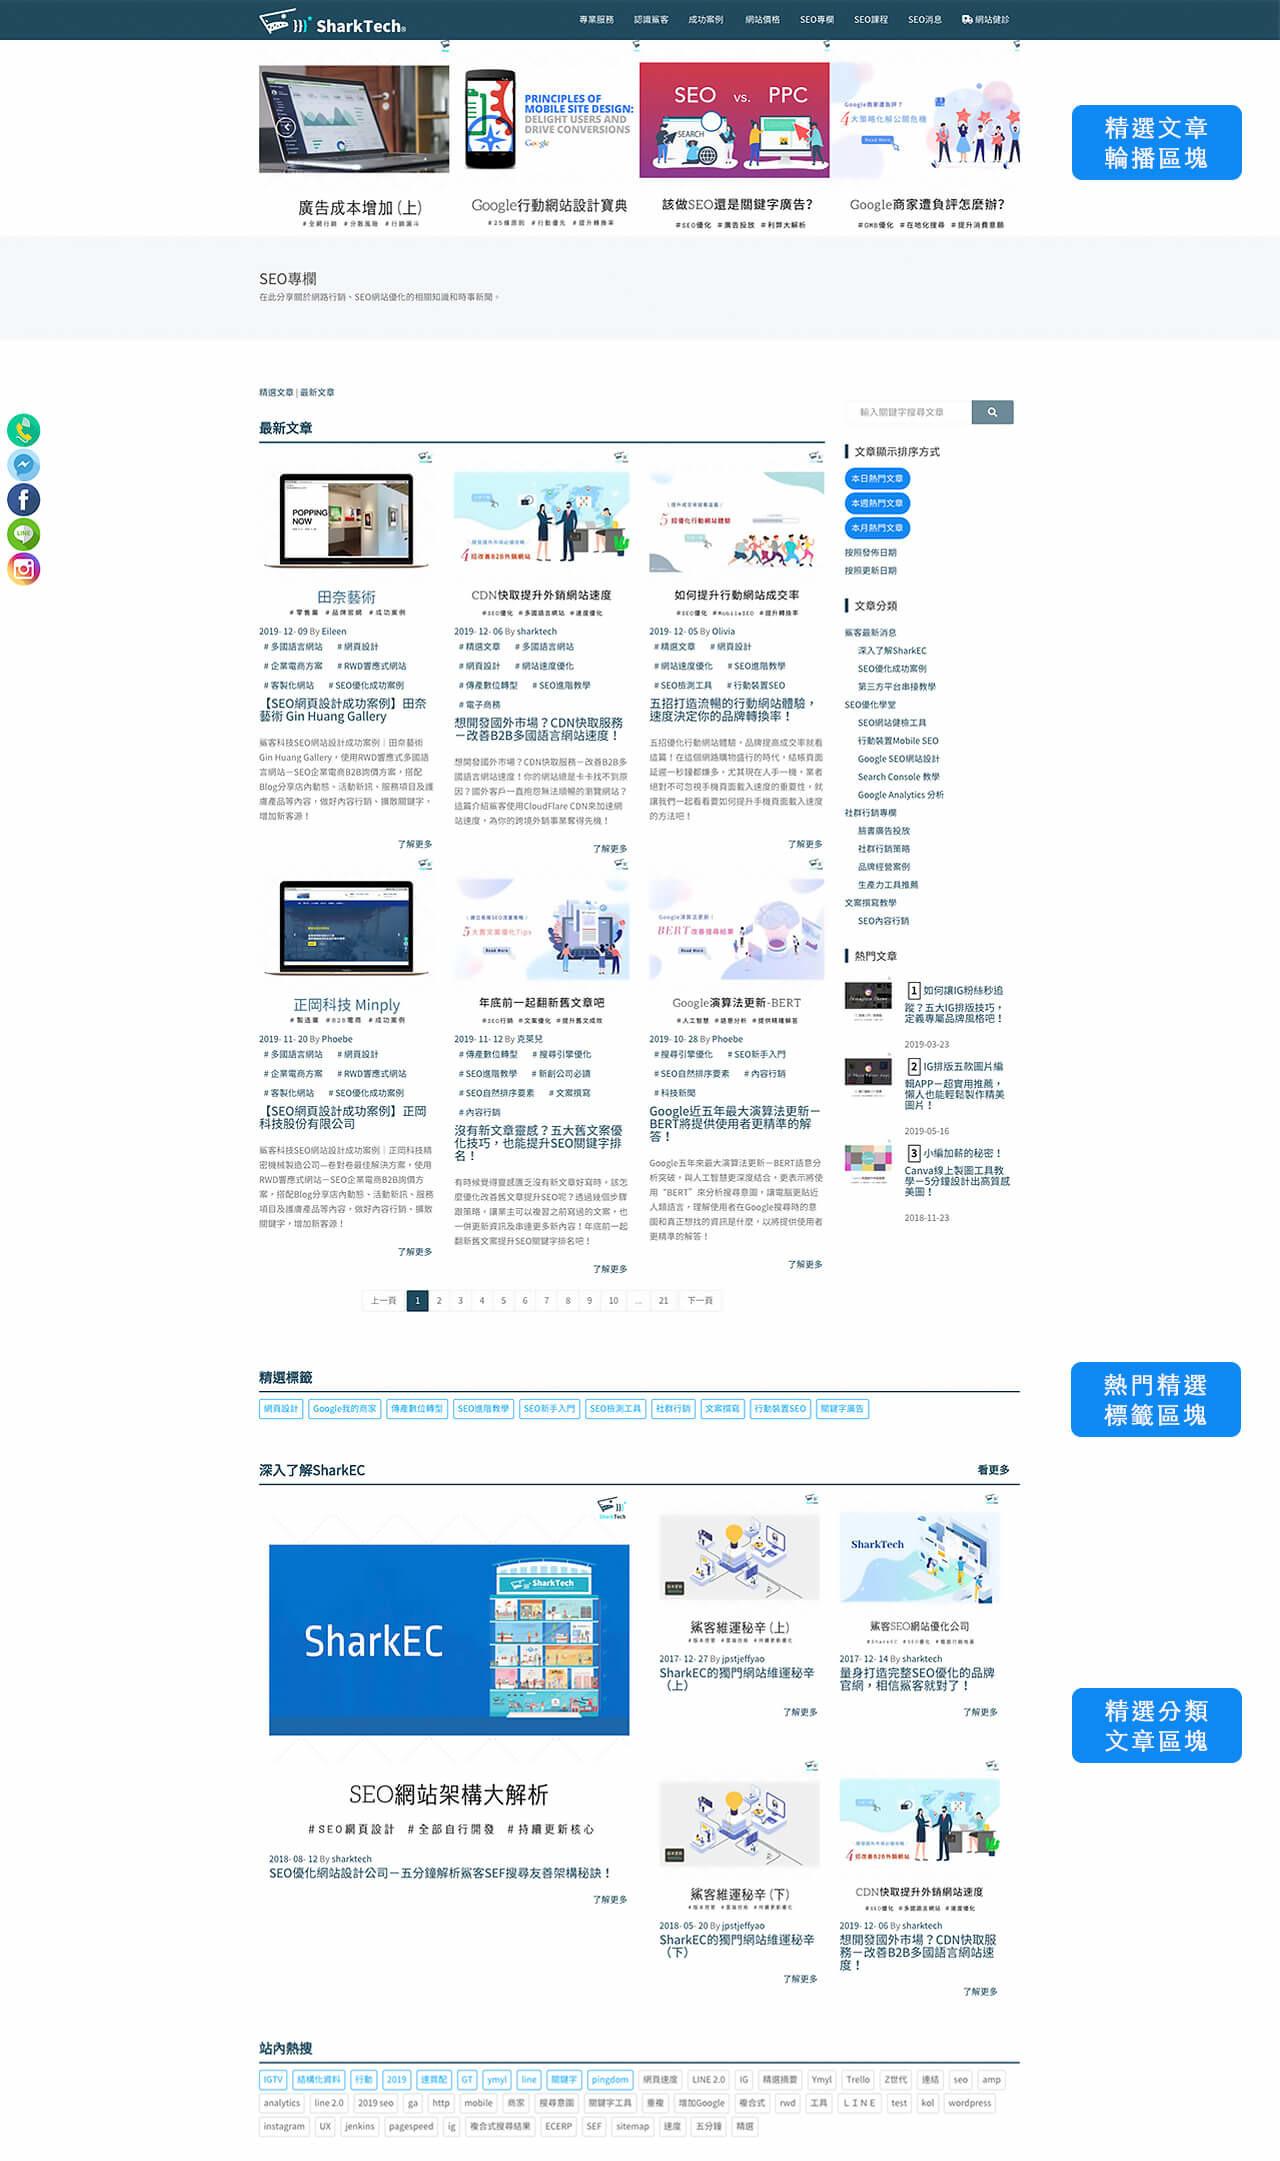 2019.12部落格版面更新|鯊客科技SEO優化網頁設計公司